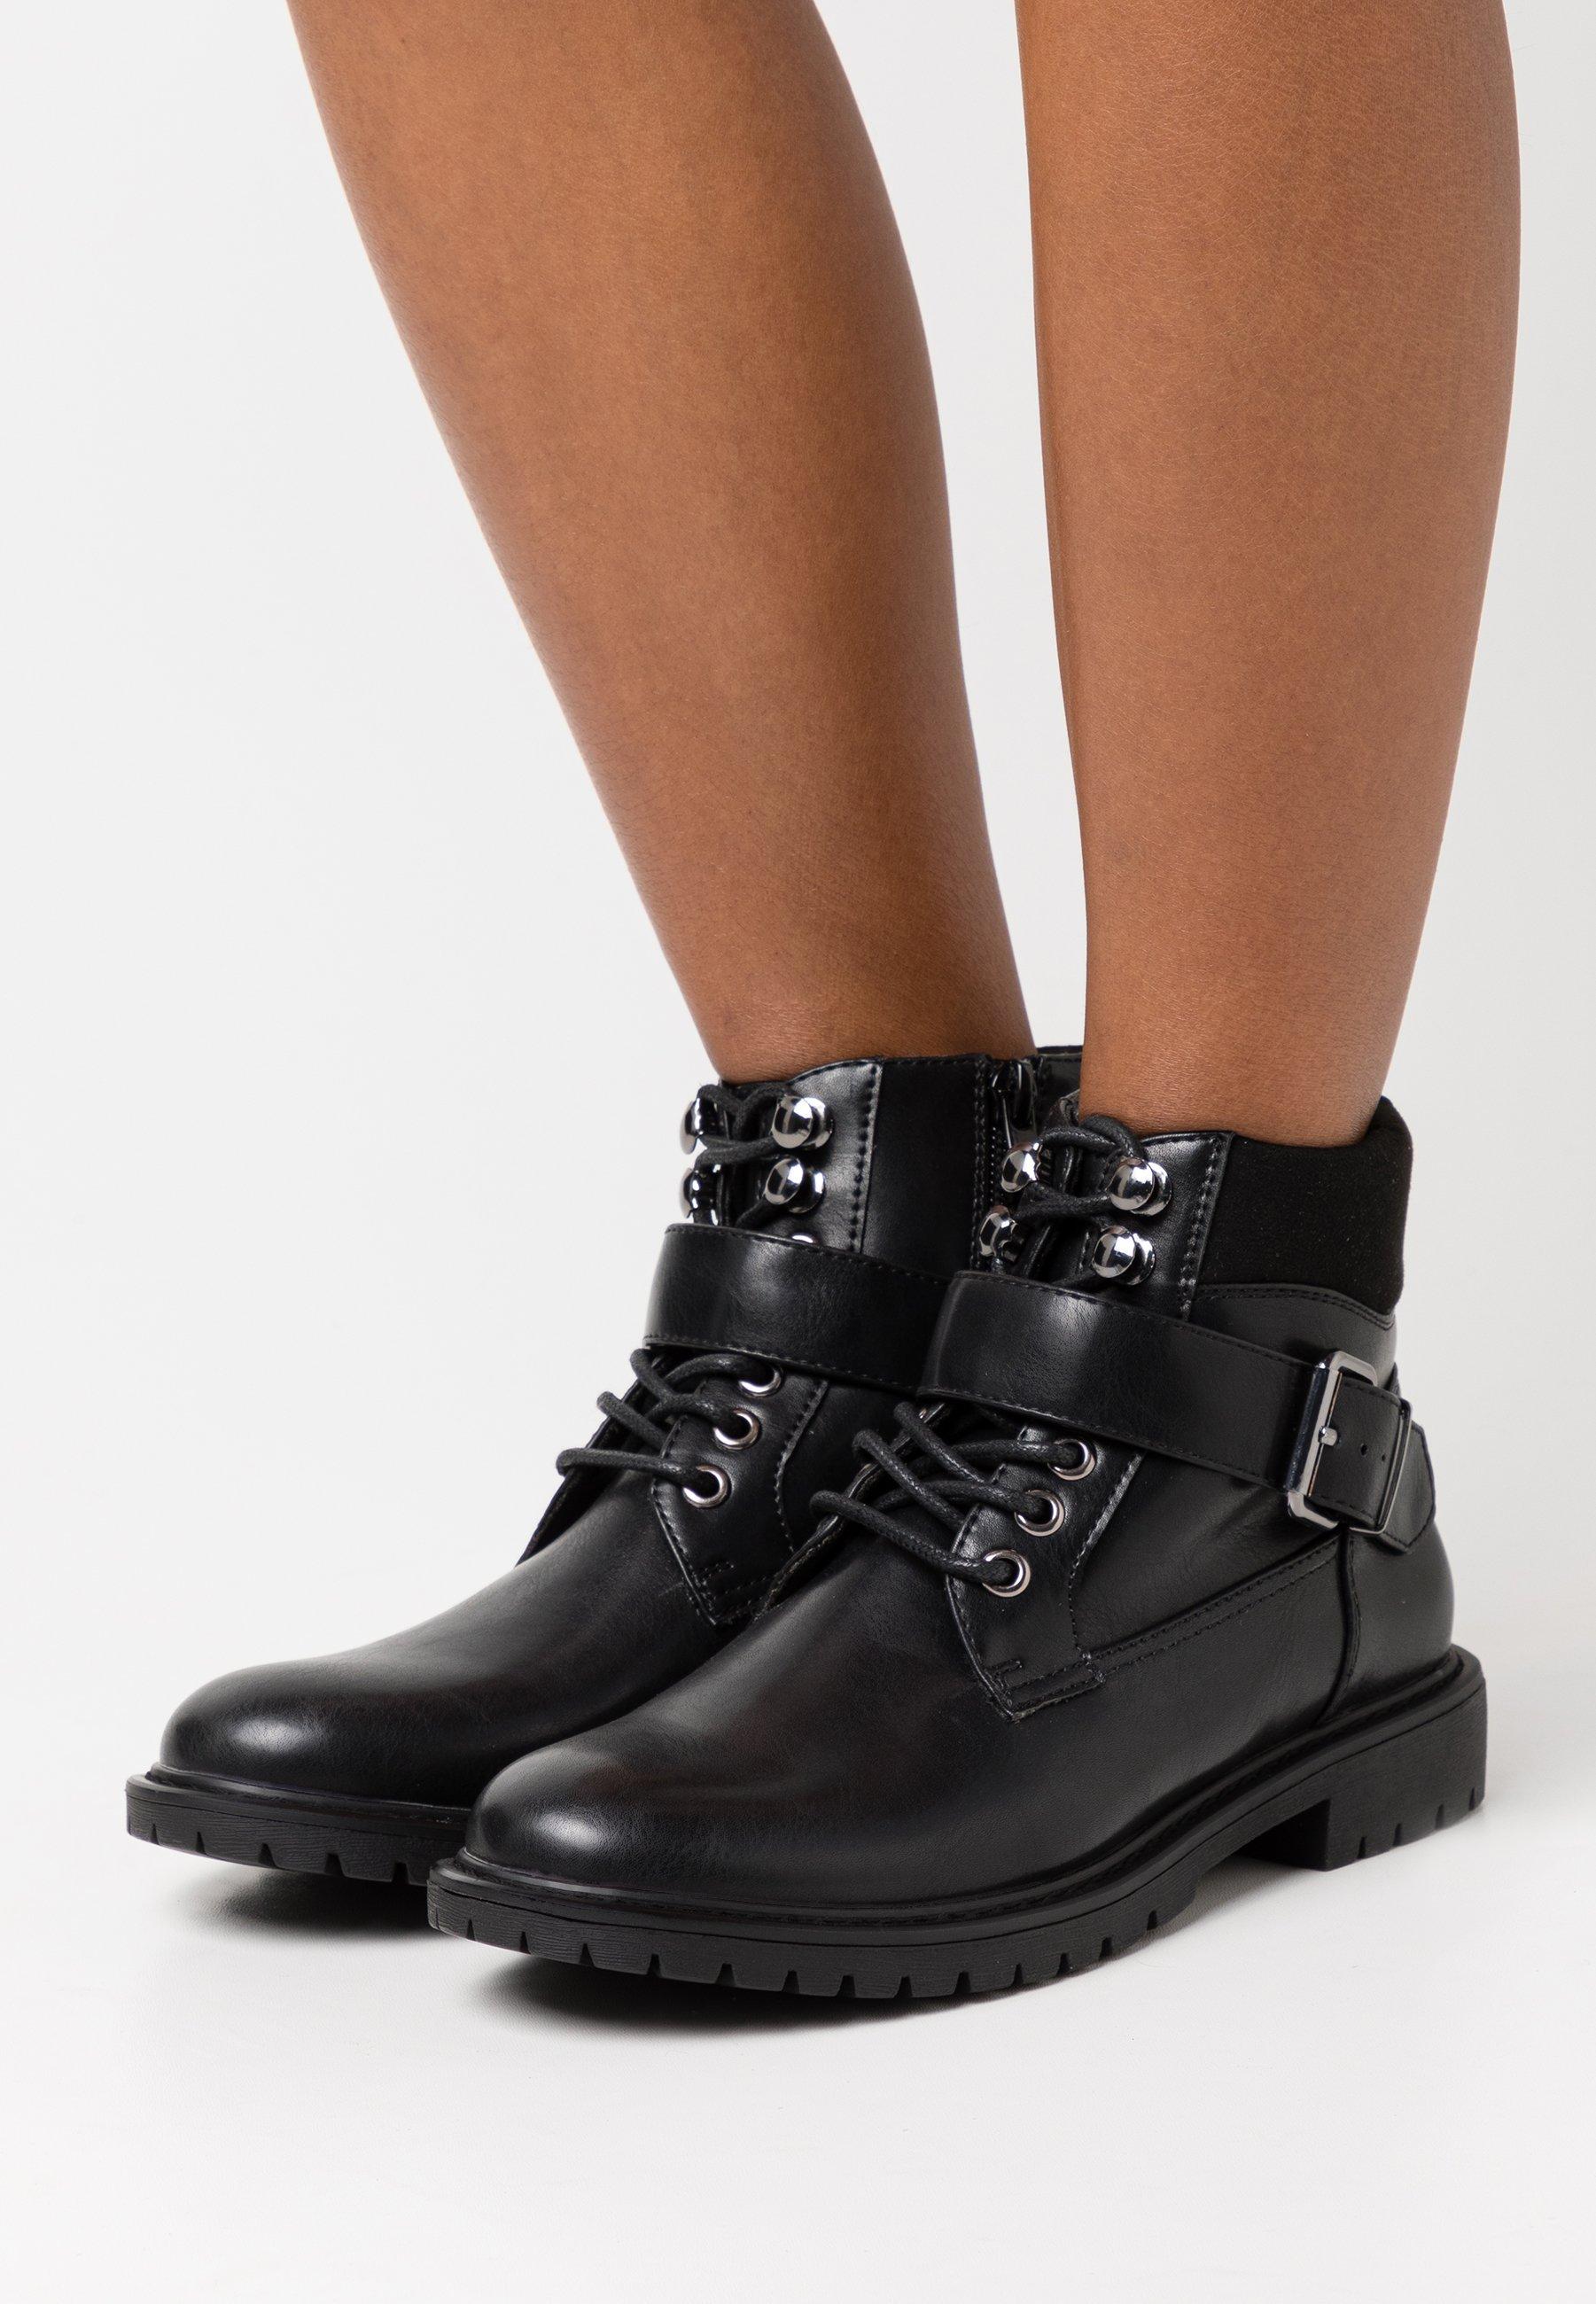 Femme Boots à talons - black